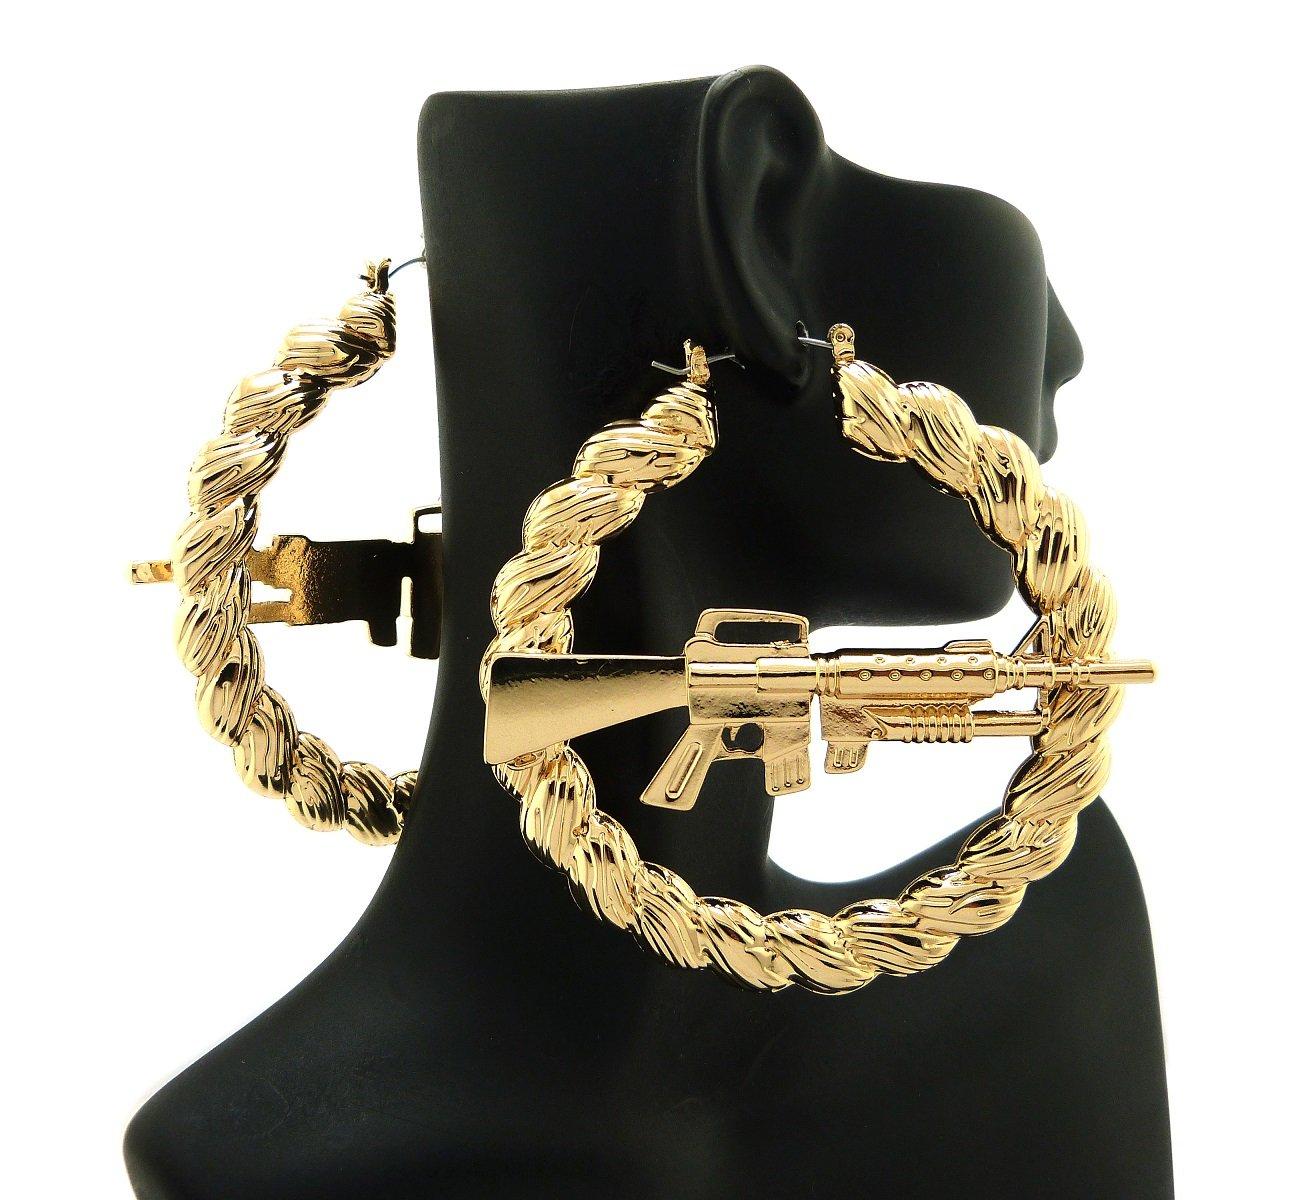 New Celebrity Style 'MACHINE GUN' 3'' Twist Hoop Pincatch Fashion Earring XE1123G